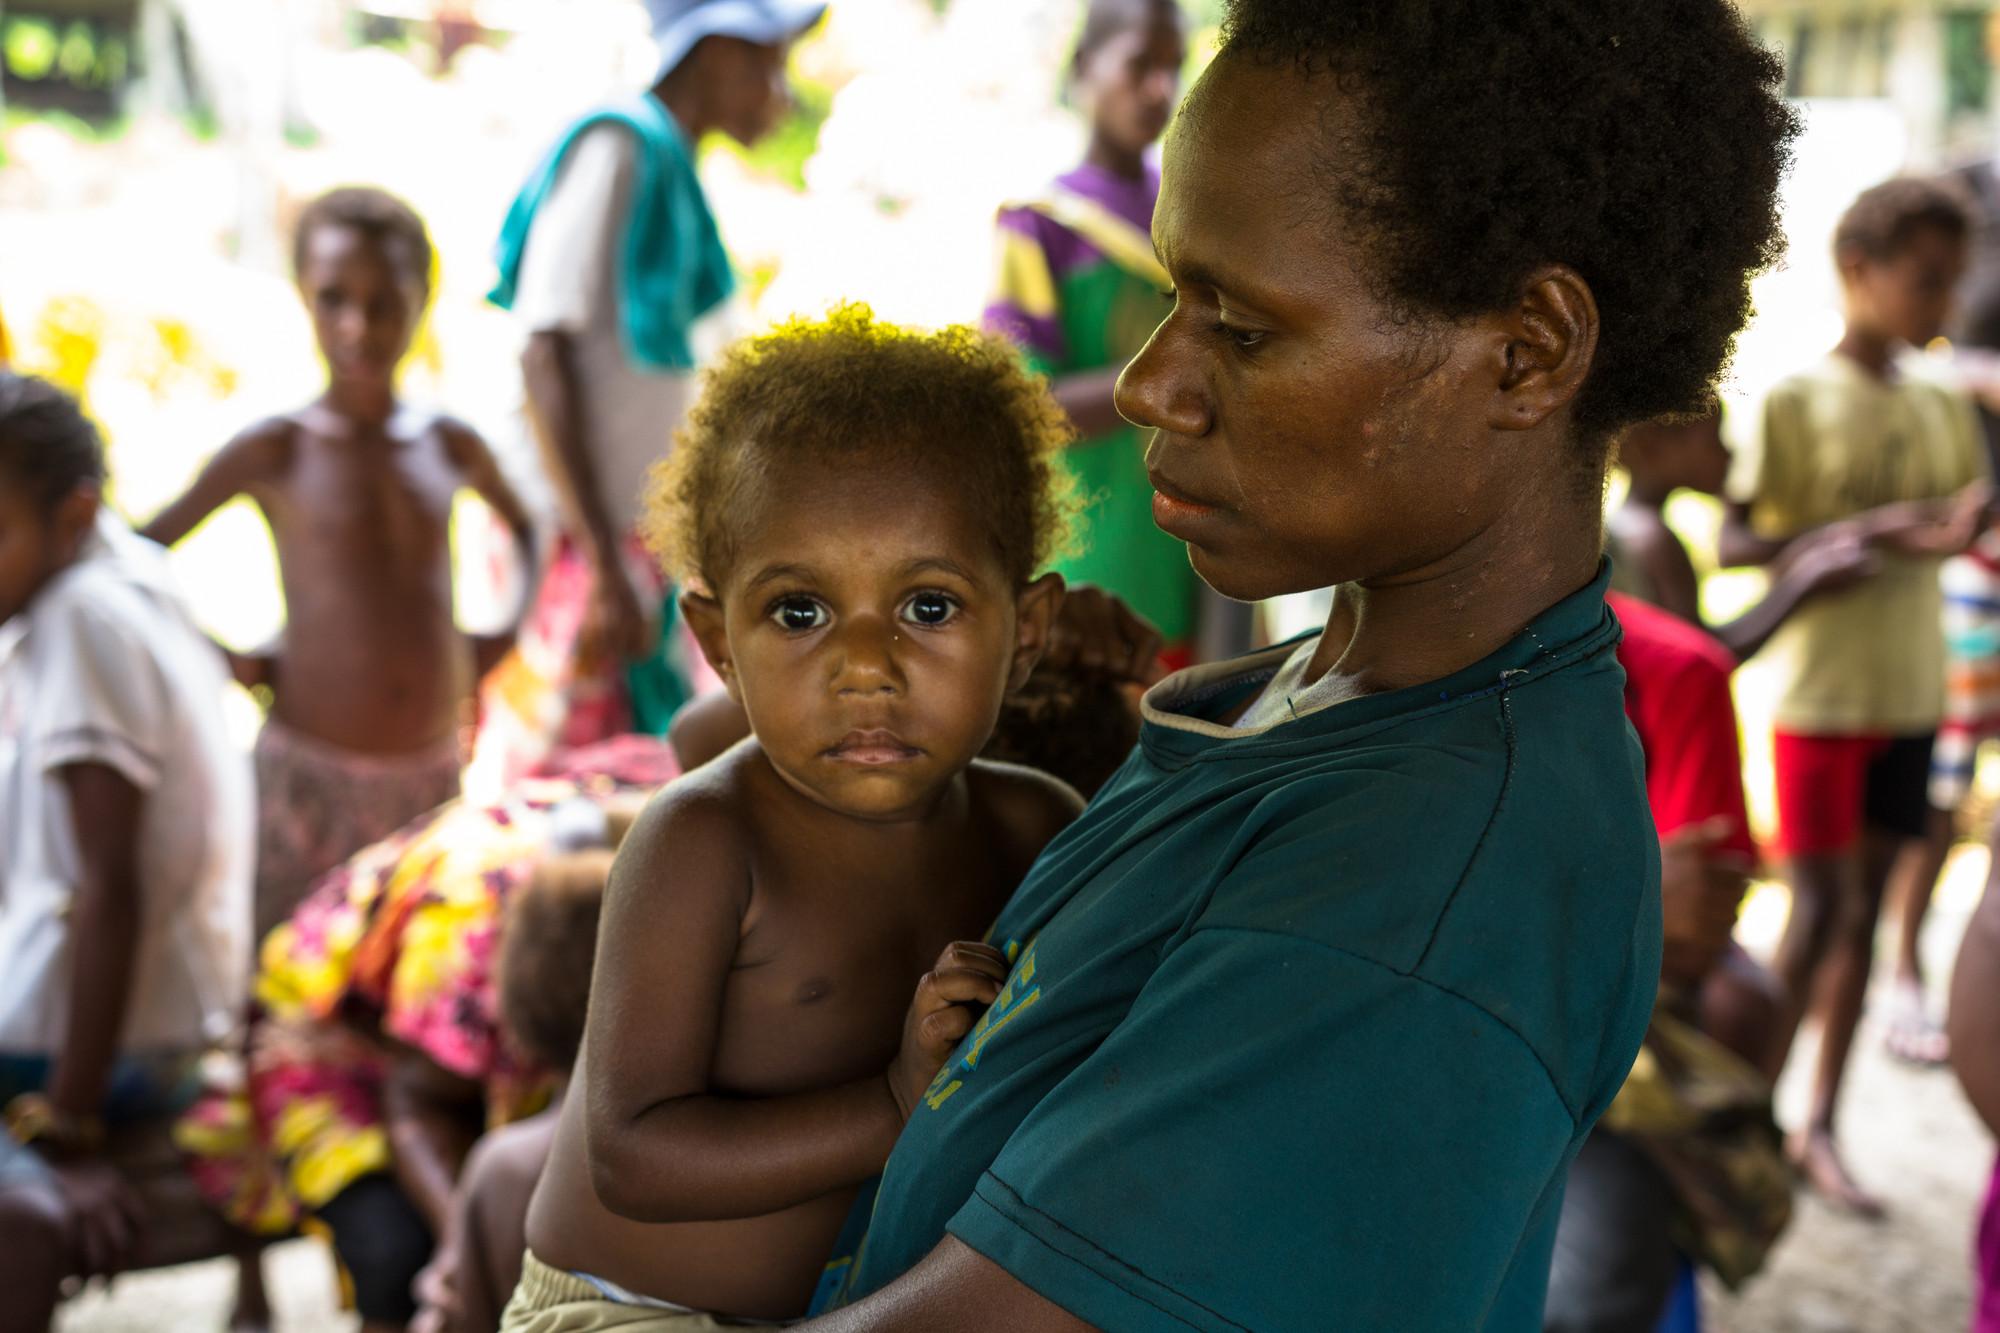 En qué consiste el fenómeno de El Niño? | Save the Children